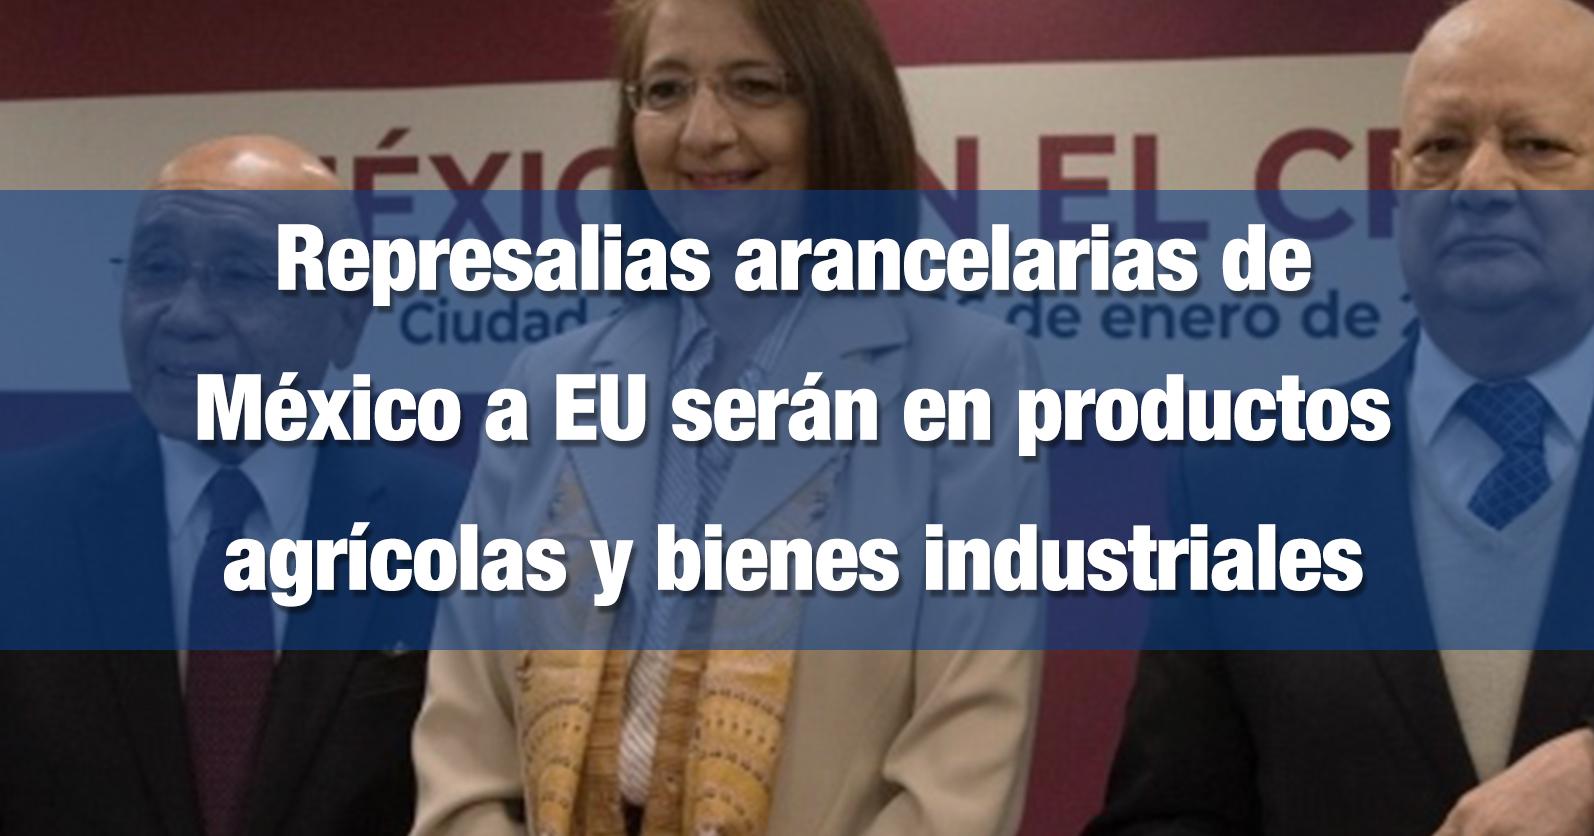 Represalias arancelarias de México a EU serán en productos agrícolas y bienes industriales